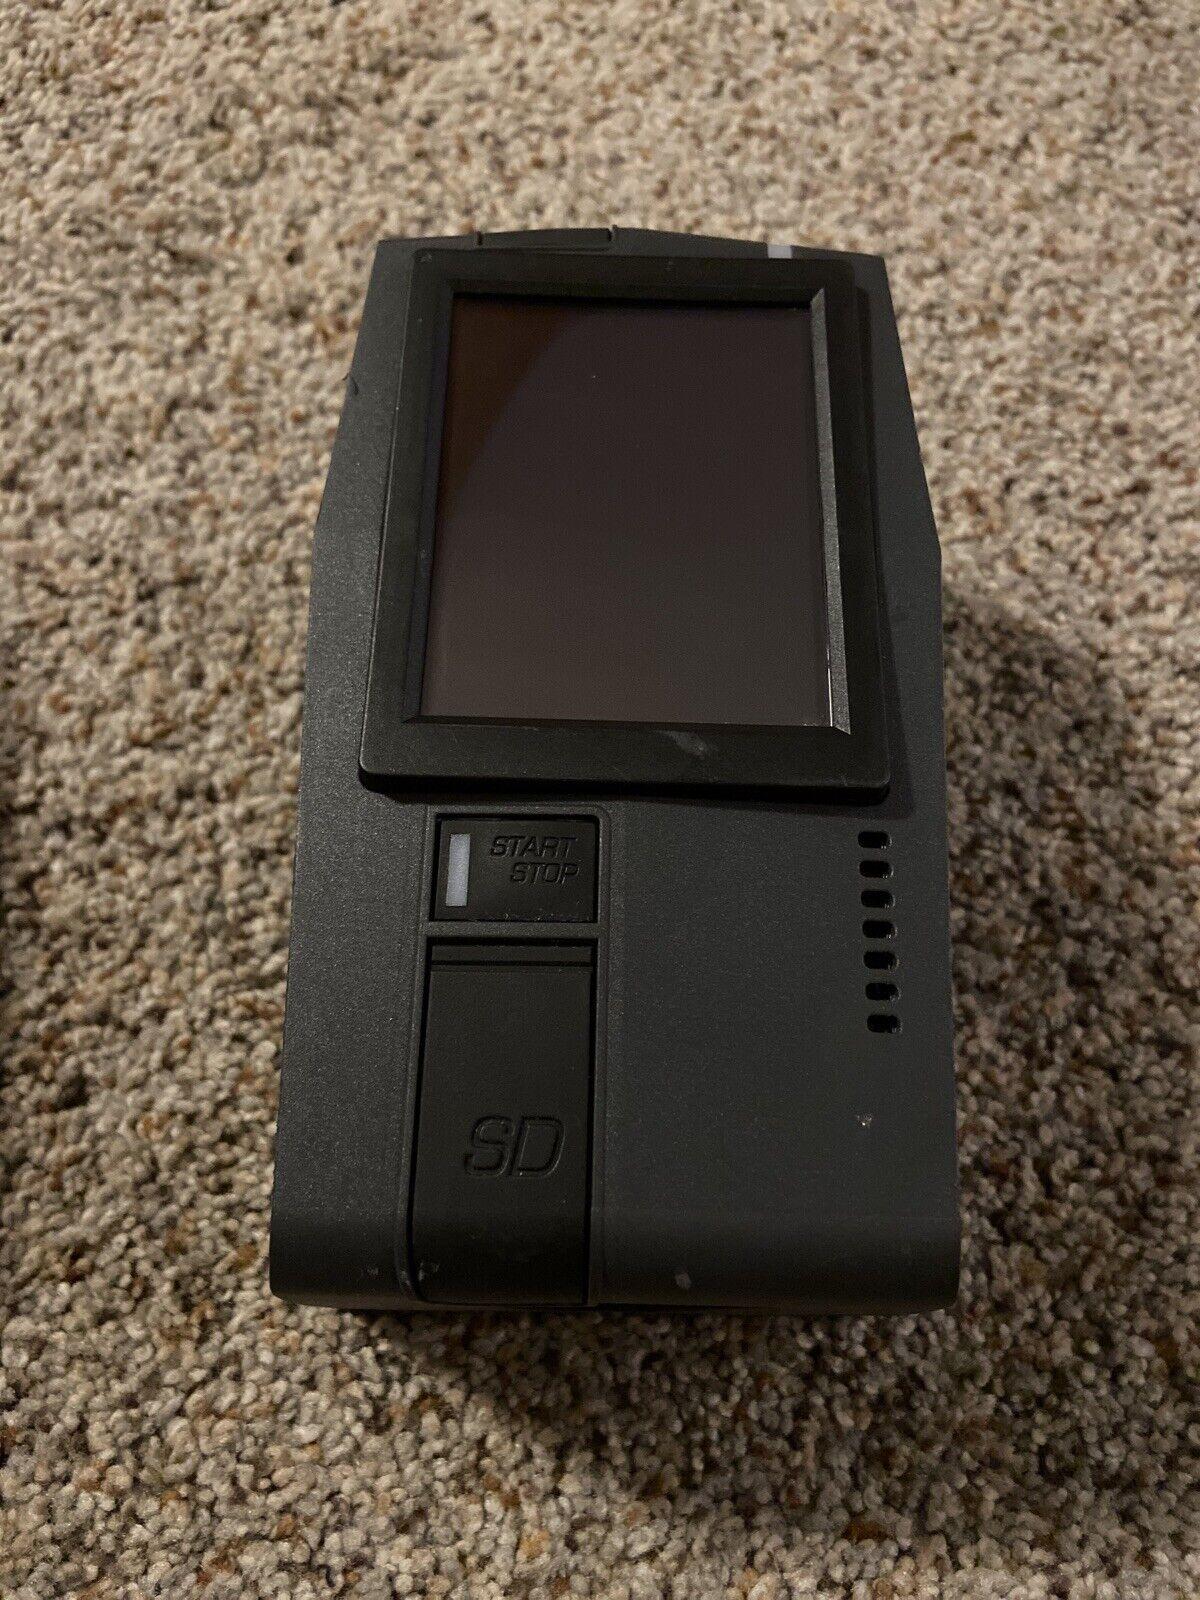 Faro Focus3D S120 3D Laser Scanner Replacement Screen! MSRP $9K